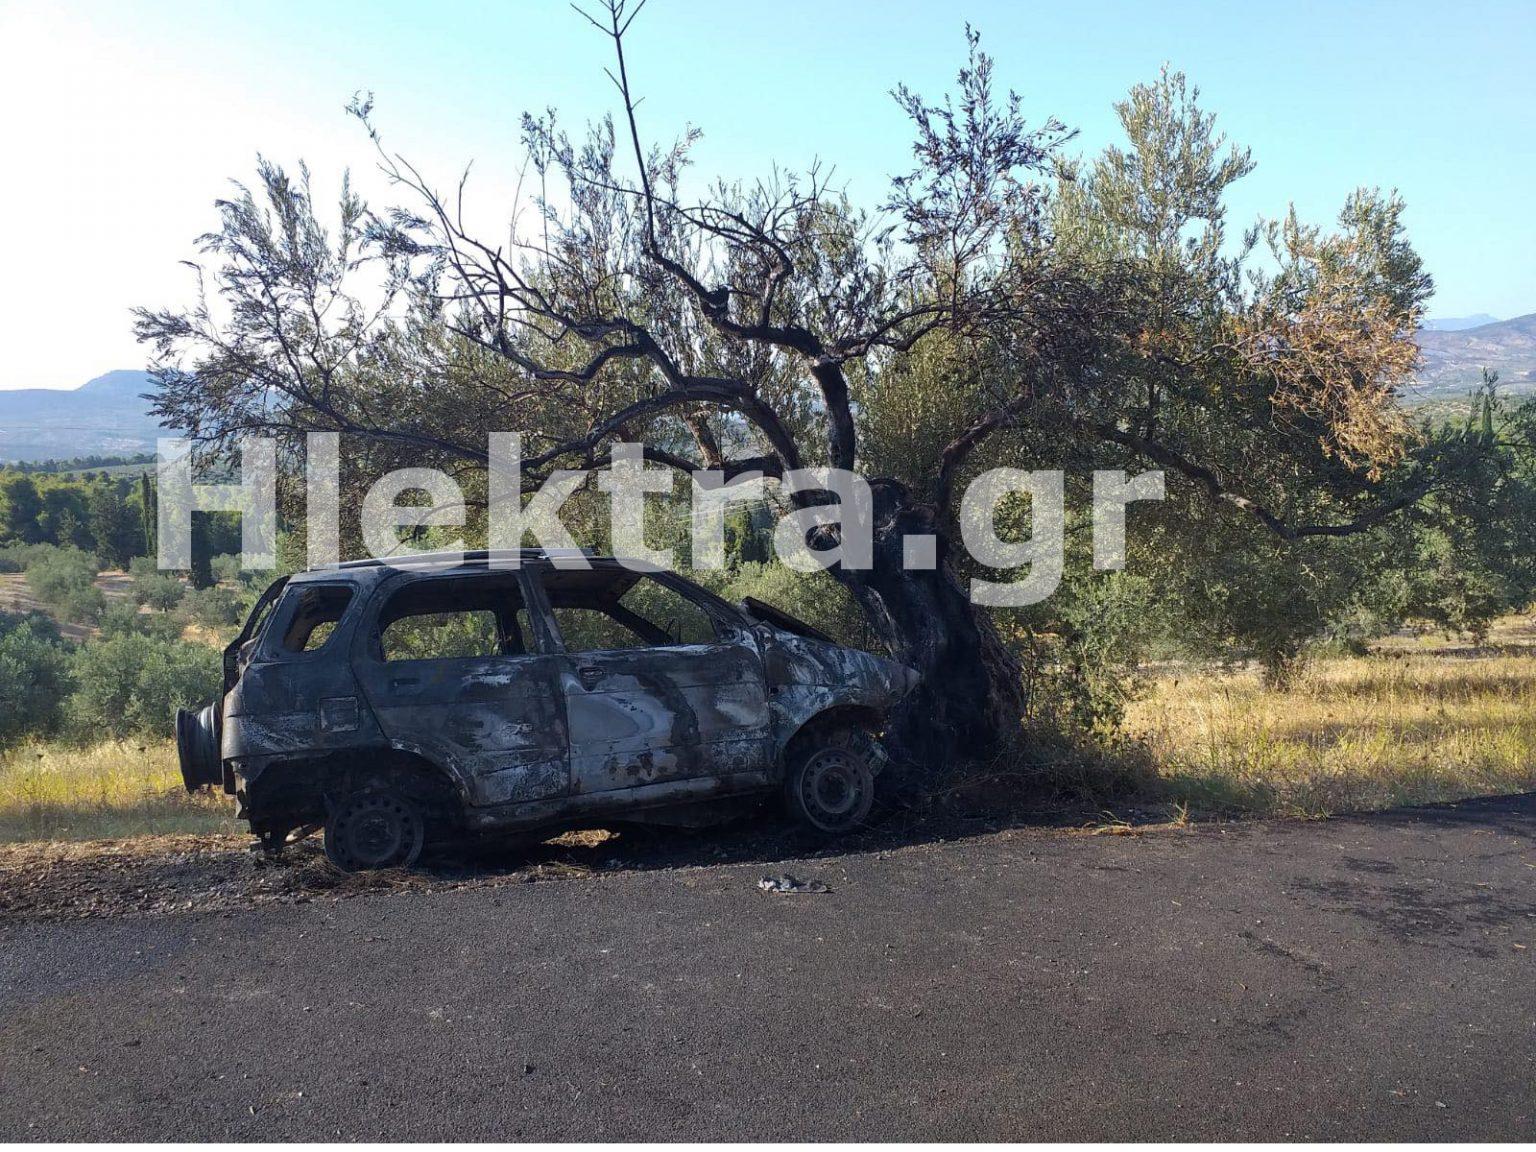 Θρίλερ στην Κορινθία: Βρέθηκε καμένο αυτοκίνητο με απανθρακωμένο τον οδηγό – ΒΙΝΤΕΟ – ΦΩΤΟ